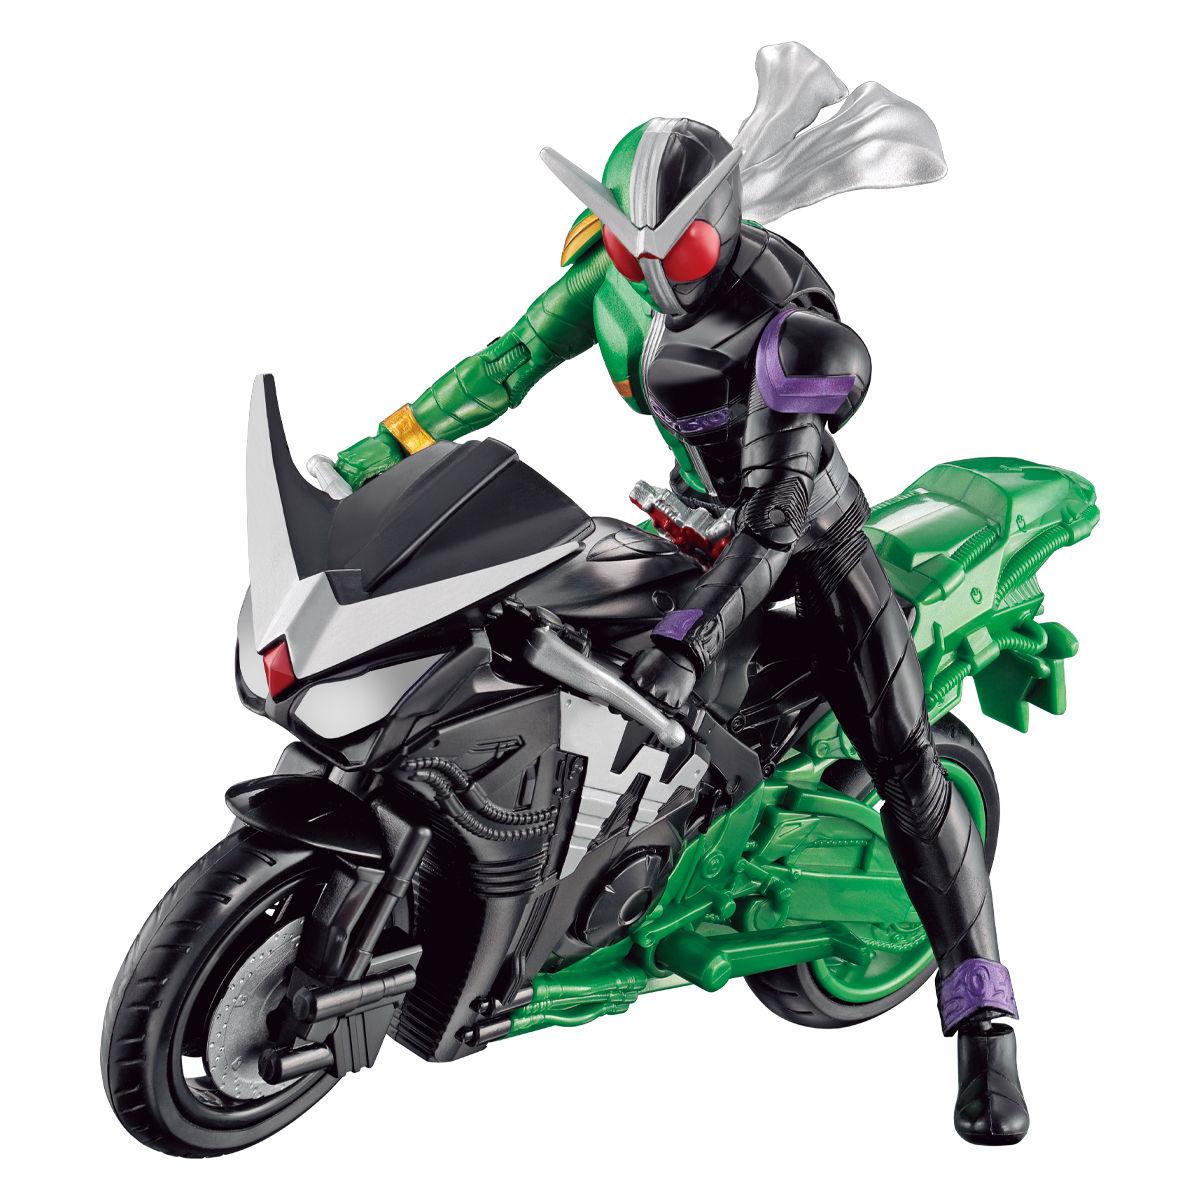 RKFレジェンドライダーシリーズ『仮面ライダーダブル サイクロンジョーカー&ハードボイルダー』可動フィギュア-002